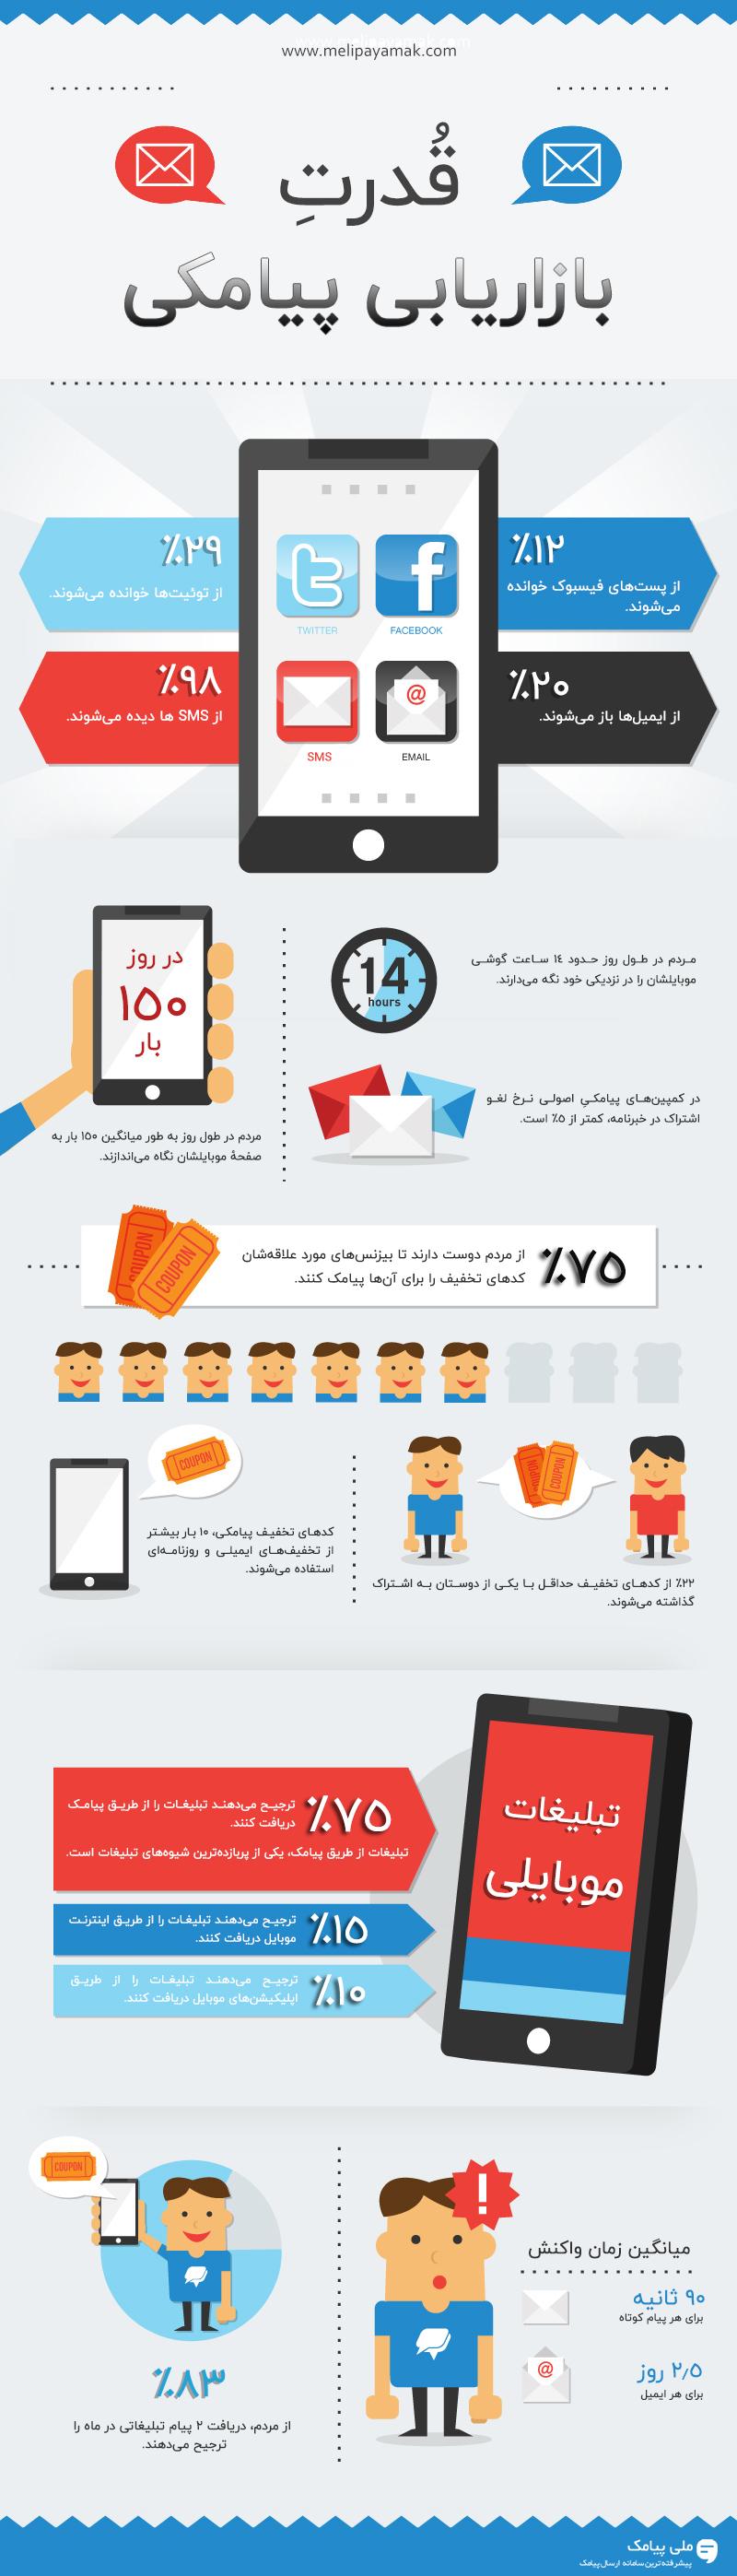 اینفوگرافیک بازاریابی پیامکی برای افزایش فروش